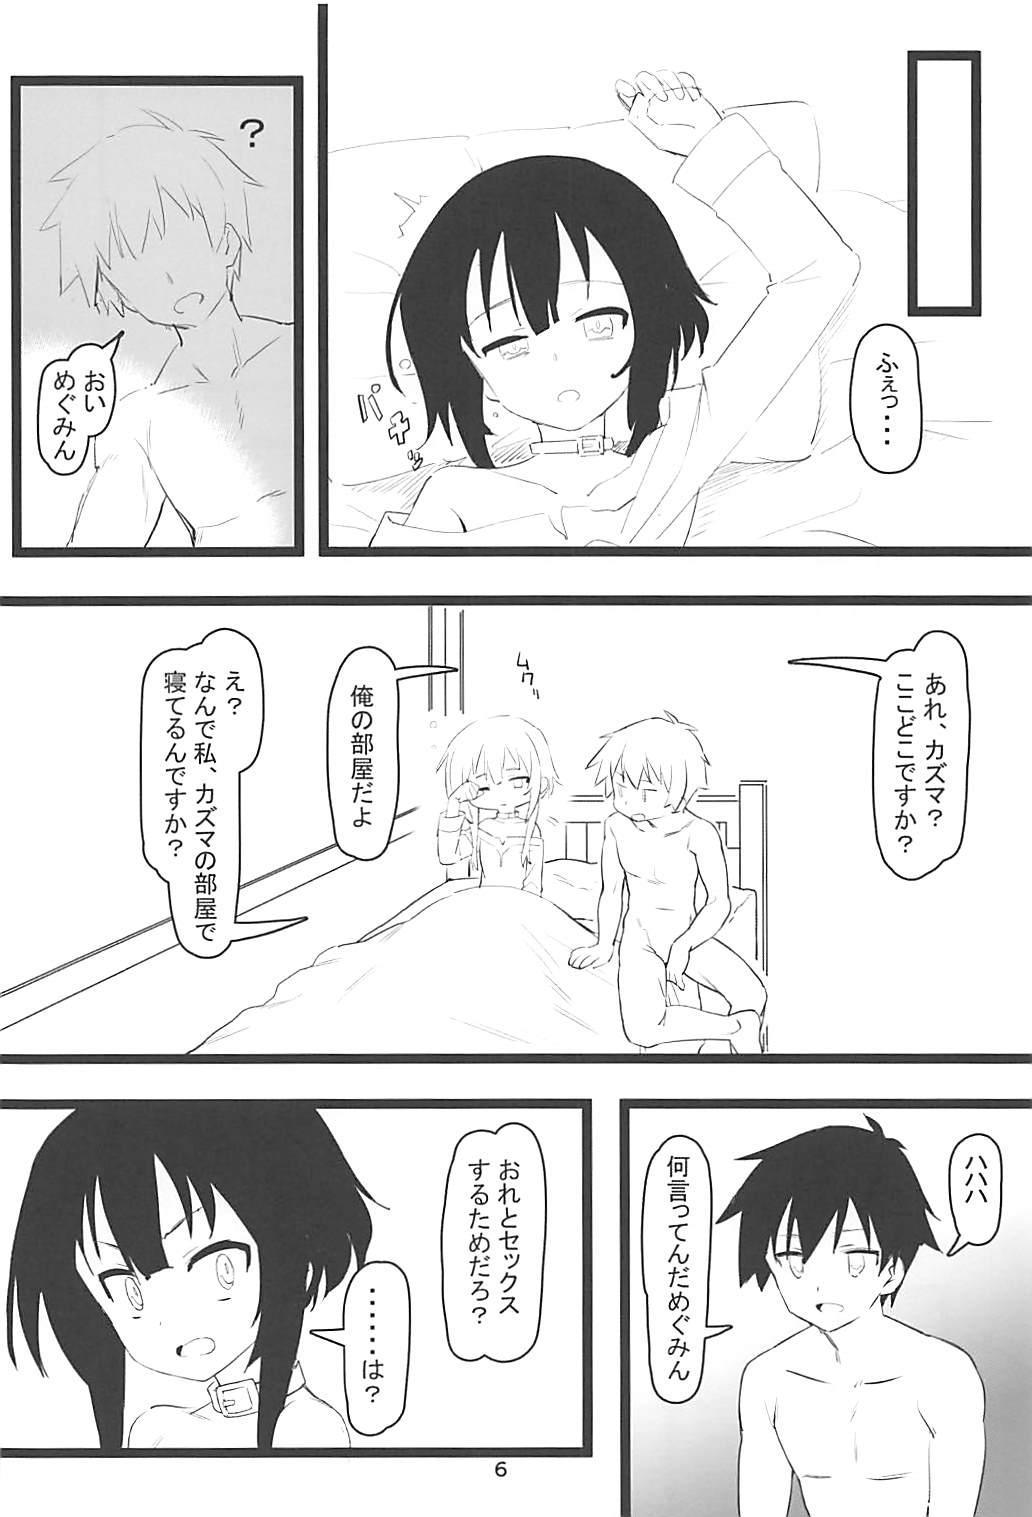 Archwizard wa Bakuretsu Mahou no Yume o Miru ka? 4